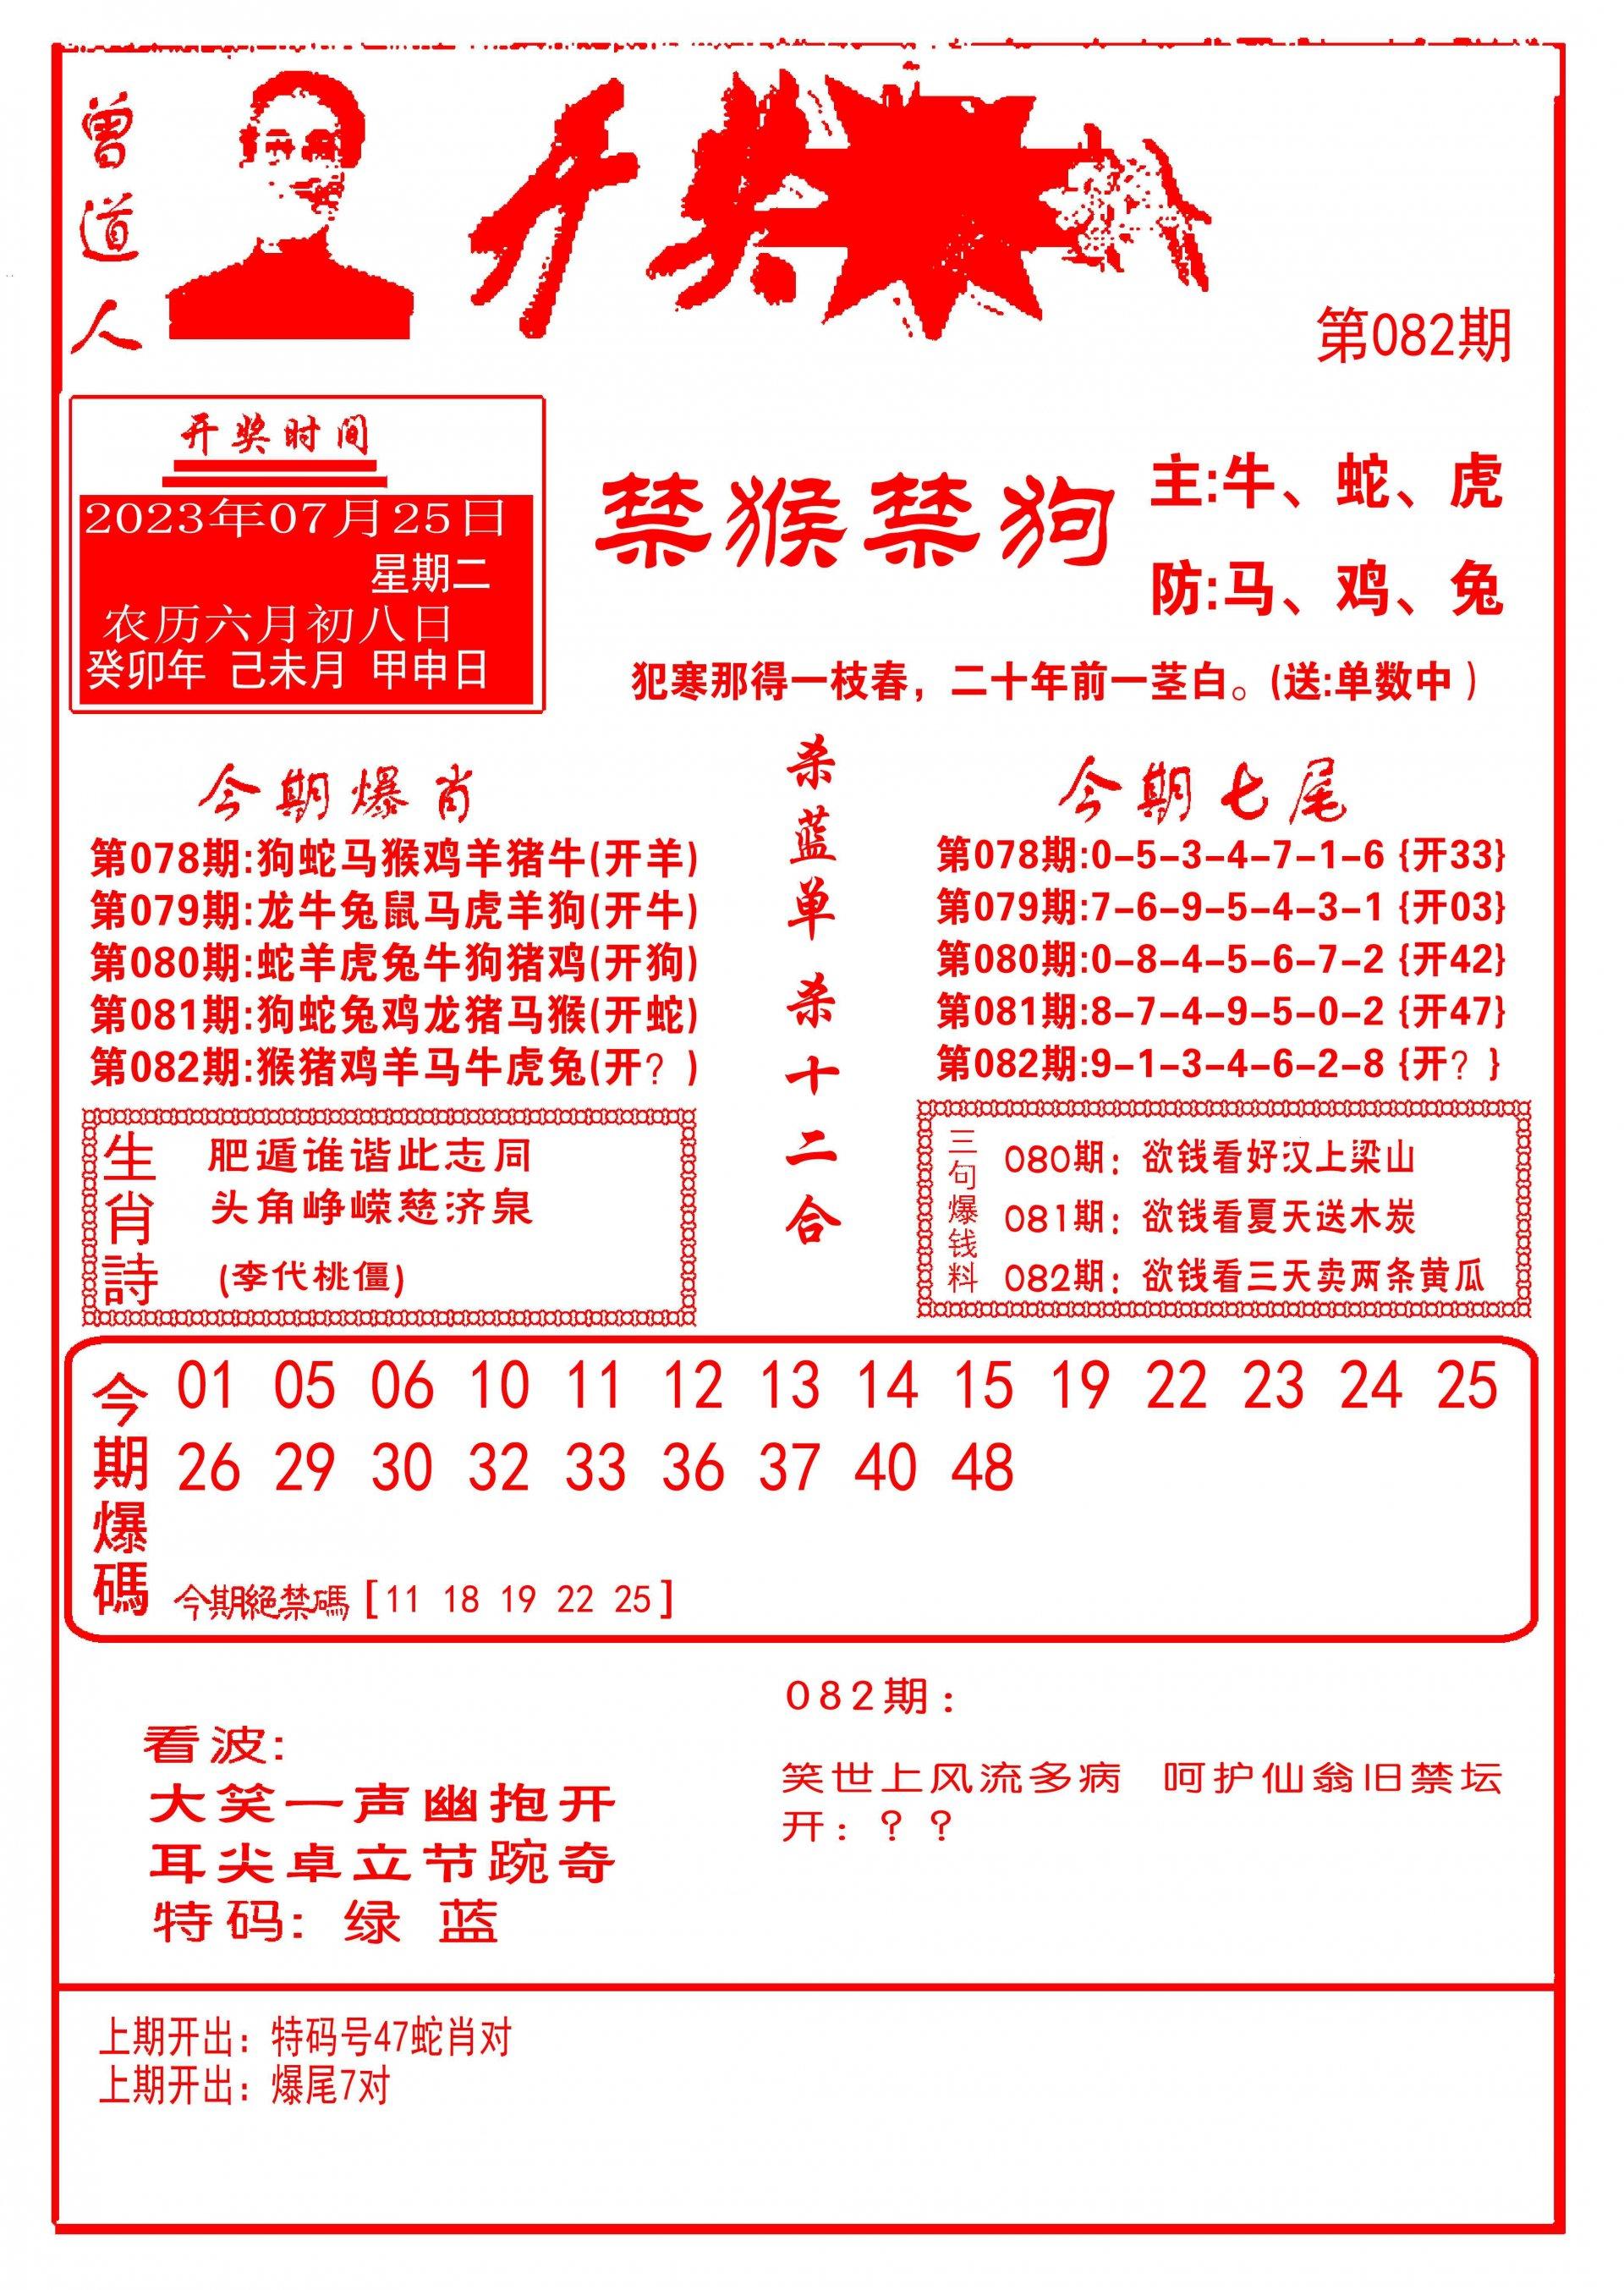 082期开奖爆料(新图推荐)